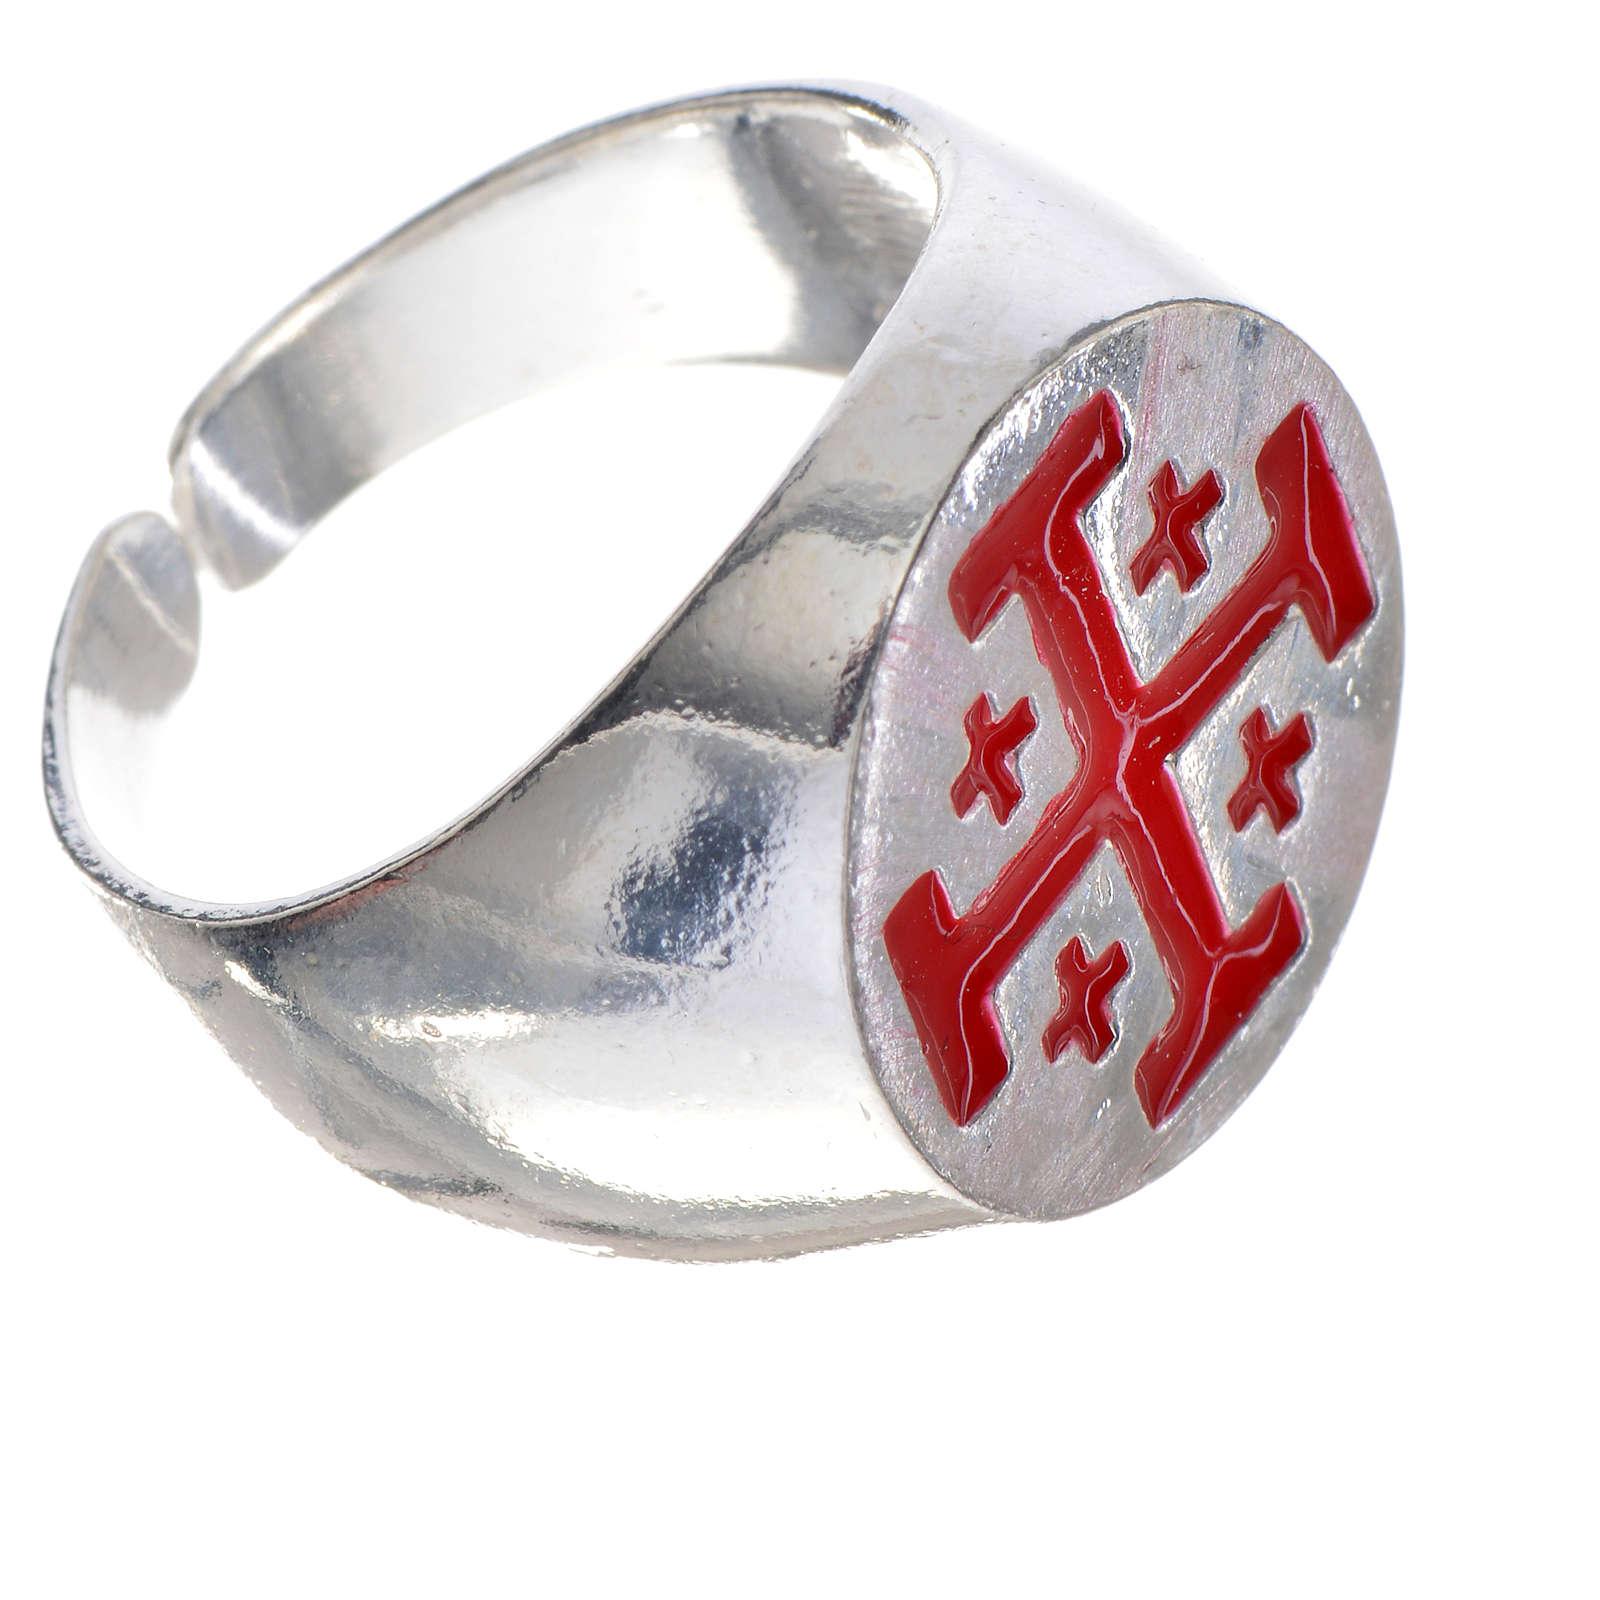 Anillo episcopal de plata 925, cruz de Jerusalén, esmalte rojo 3